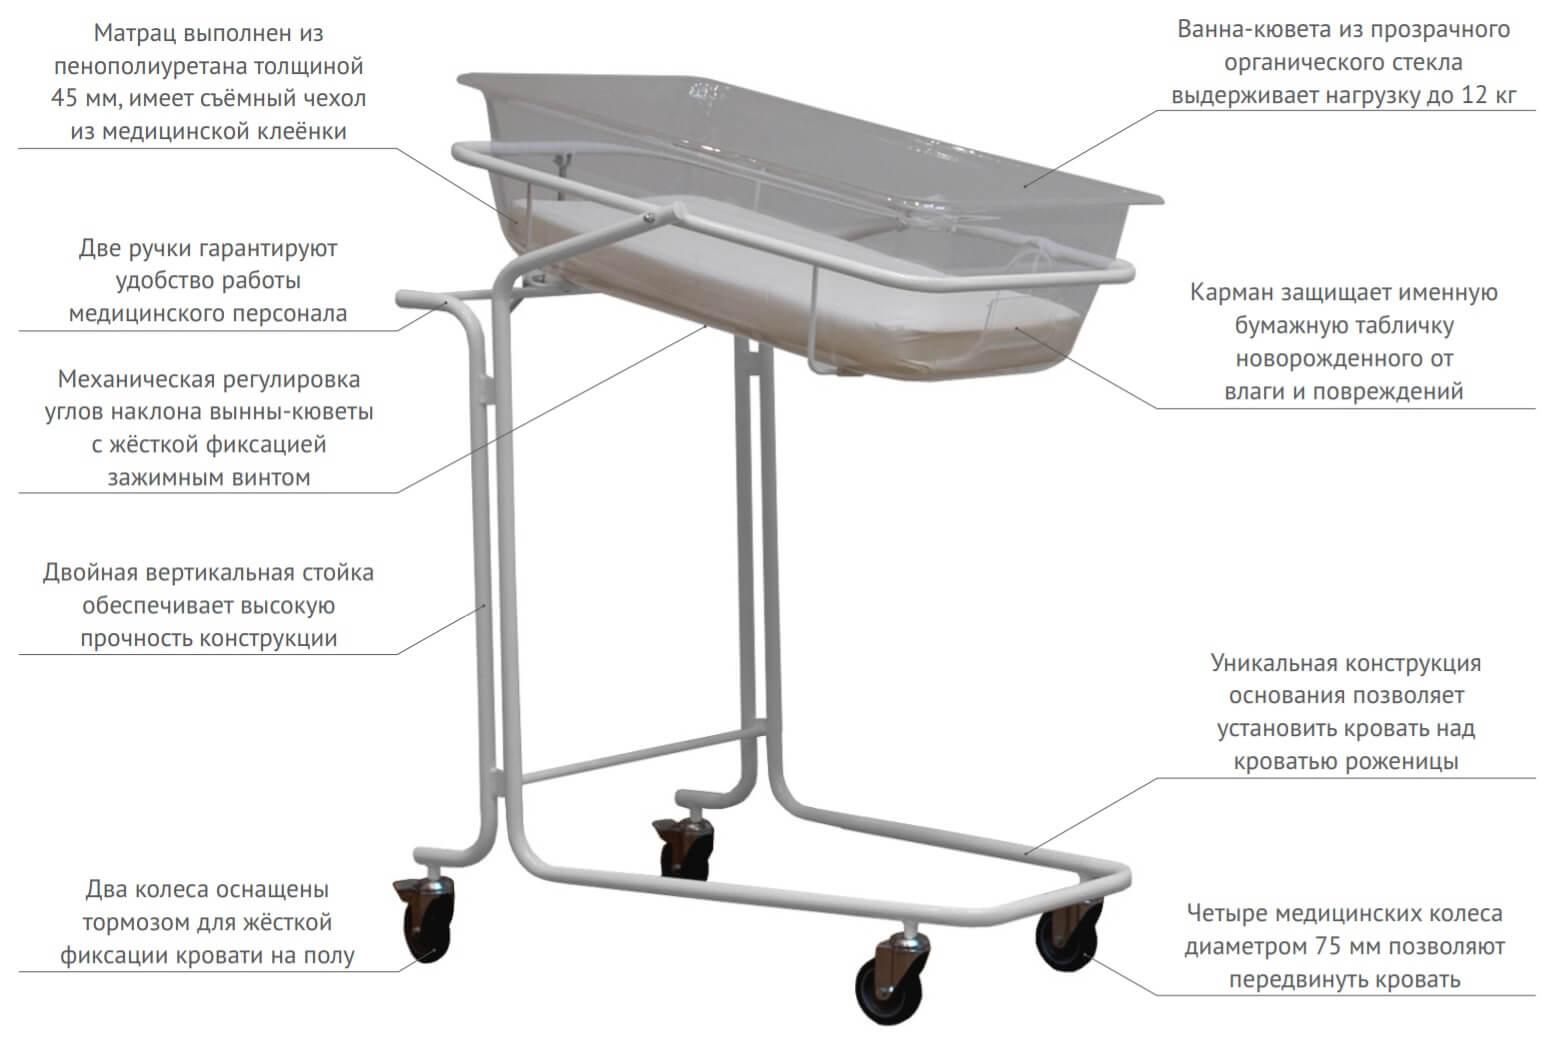 Кровать тележка для новорожденных КН-1 схема